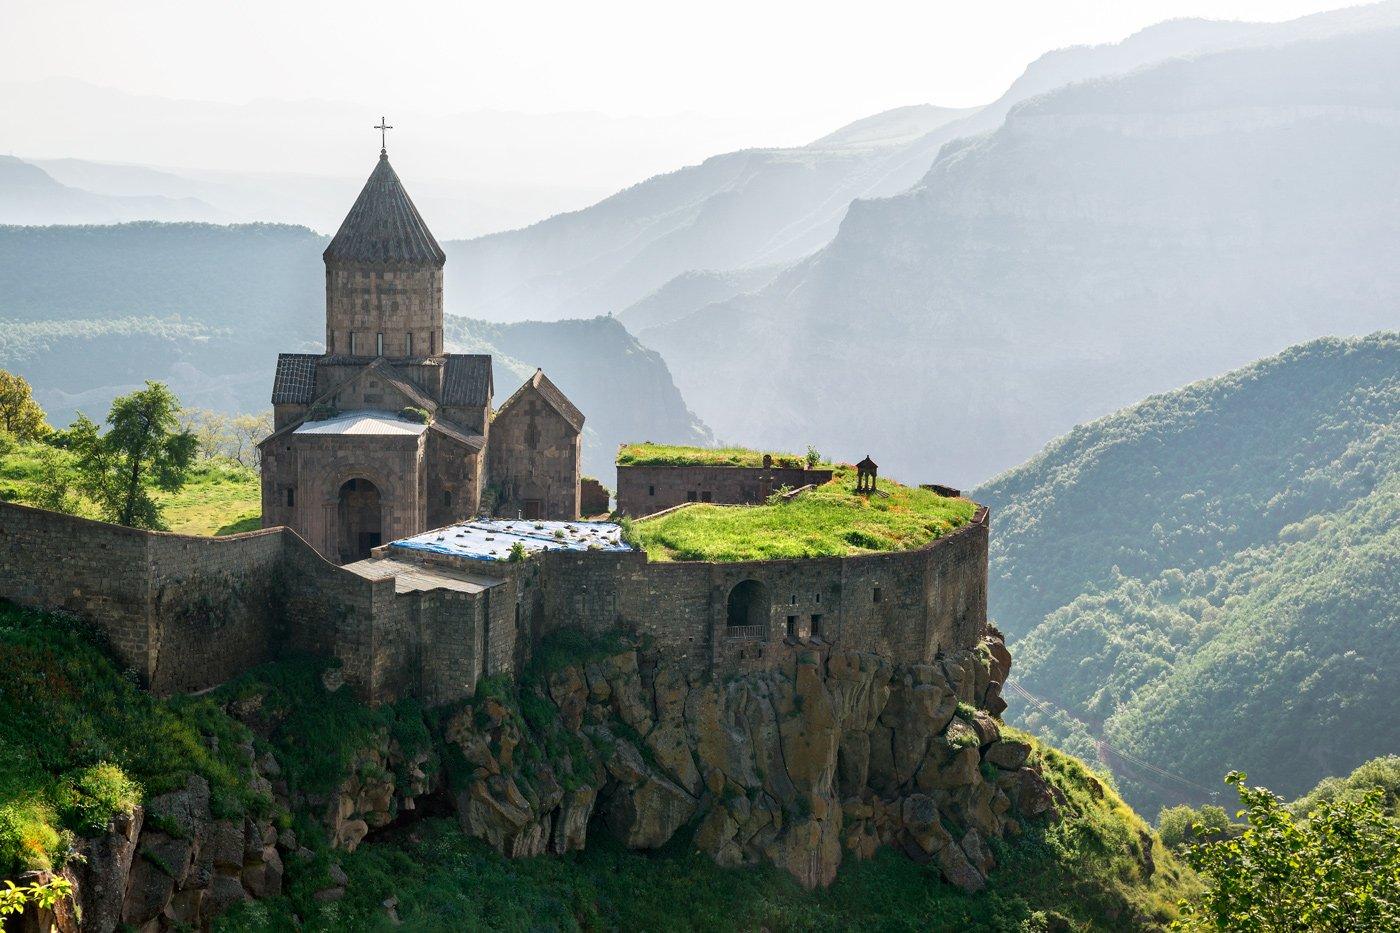 Армения, Монастырь, Рассвет, Татев, Утро, Михаил Туркеев